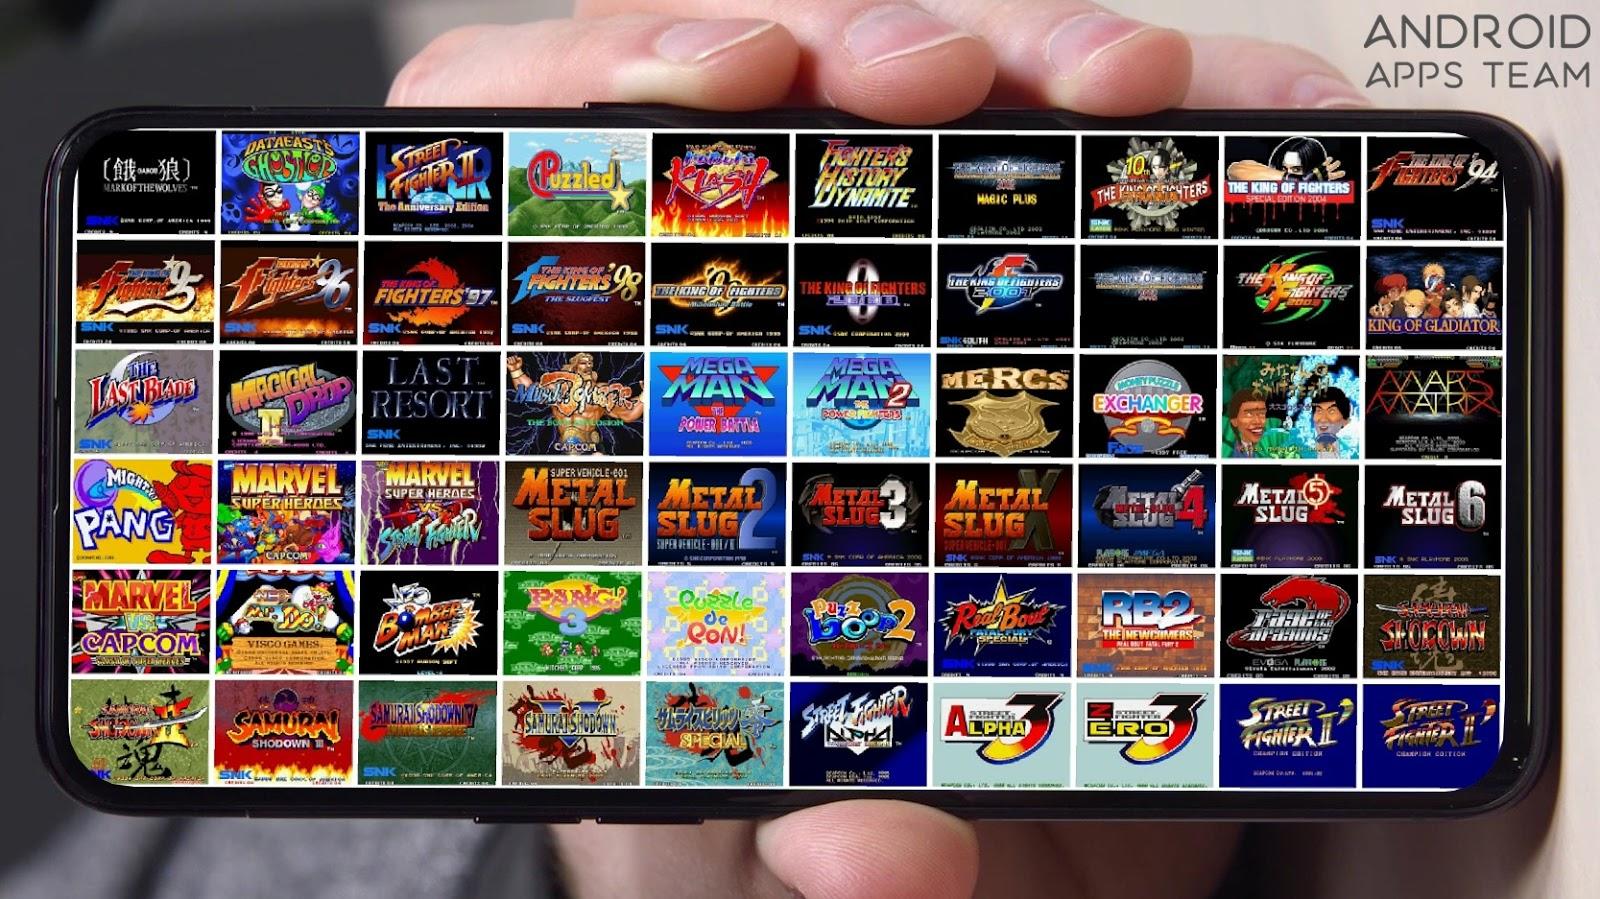 Kawaks Arcade Emulador v5 2 5 [APK] NUEVO Y POTENTE EMULADOR DE NEO